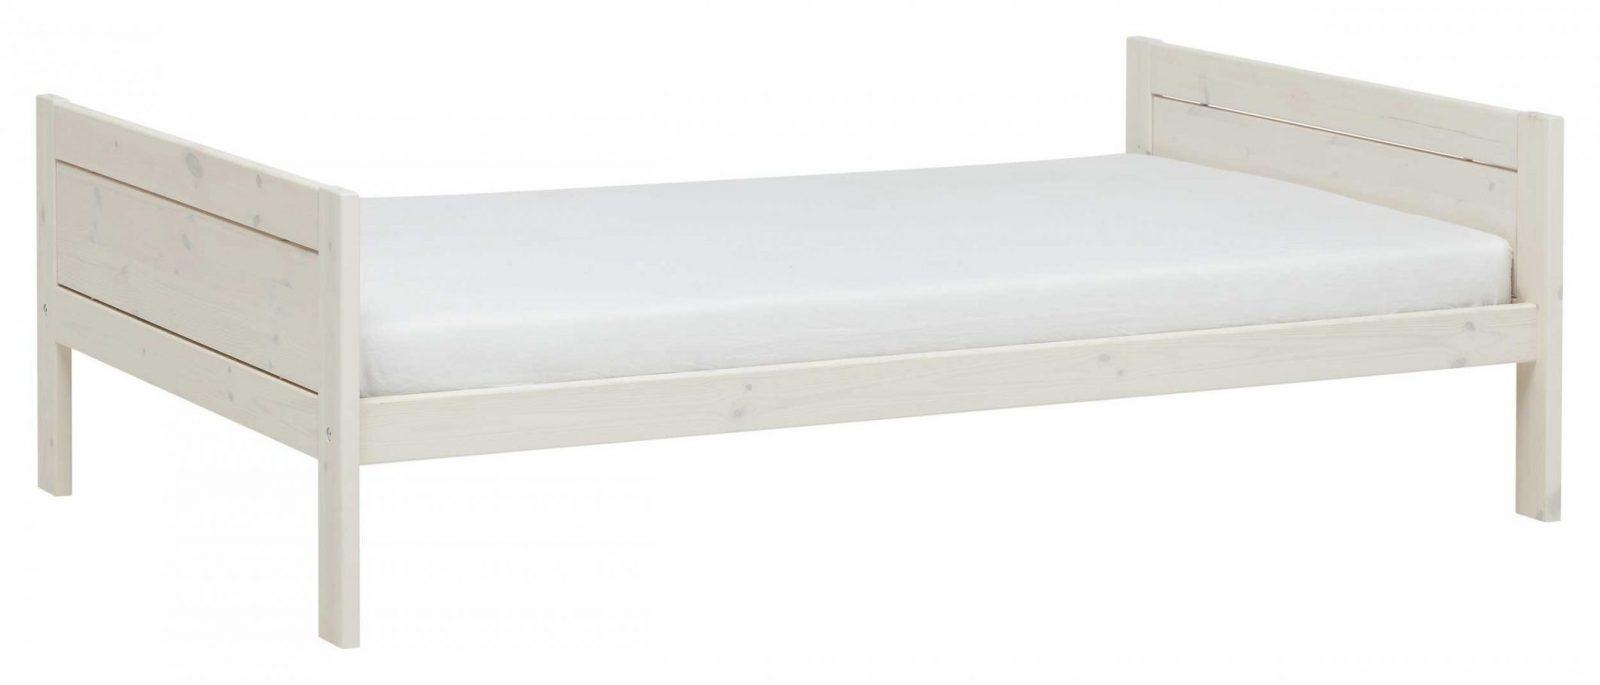 Bett Basis 120 X 200 Cm  Weiße Kiefer  Emob von Weißes Bett 120X200 Bild